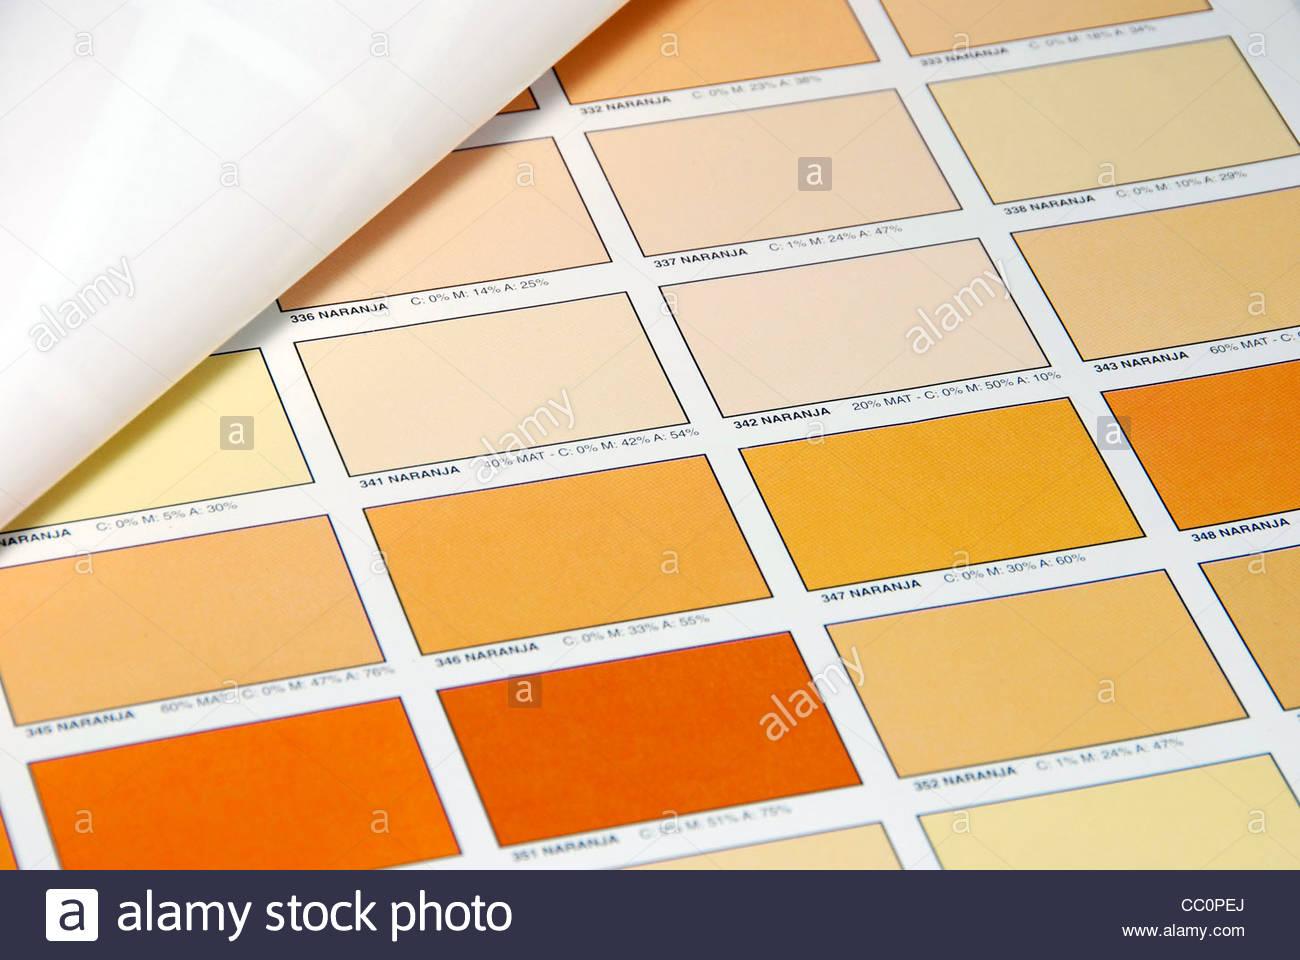 Farbe Orange Flecken auf ein Farbbuch gedruckt. Tool zur grafischen Farbauswahl Stockbild